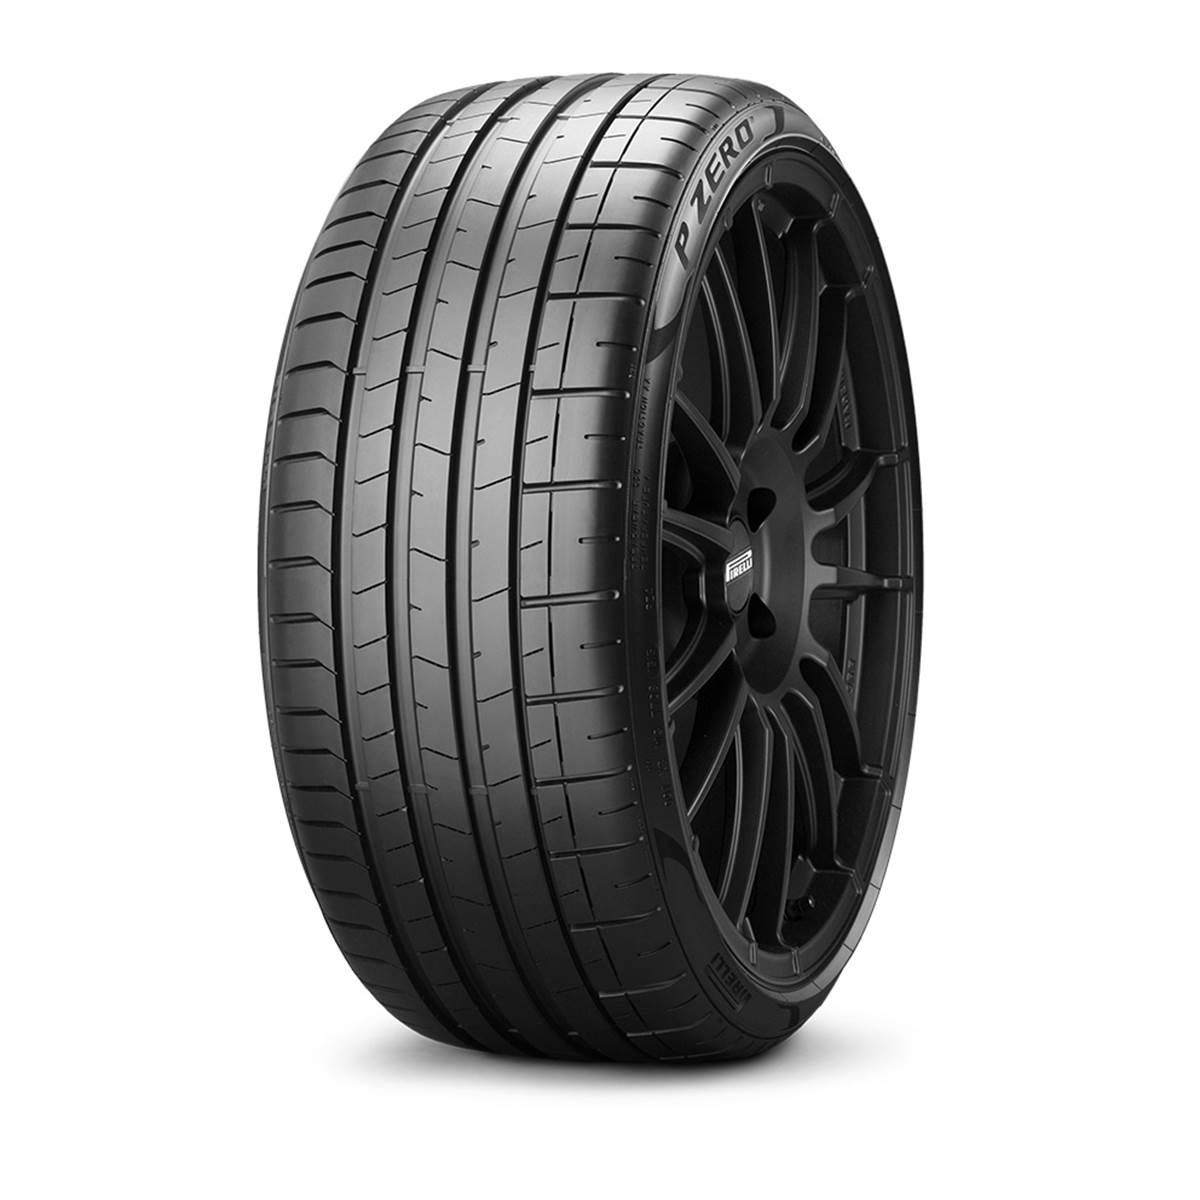 Pneu 4X4 Pirelli 255/40R21 102Y Pzero XL